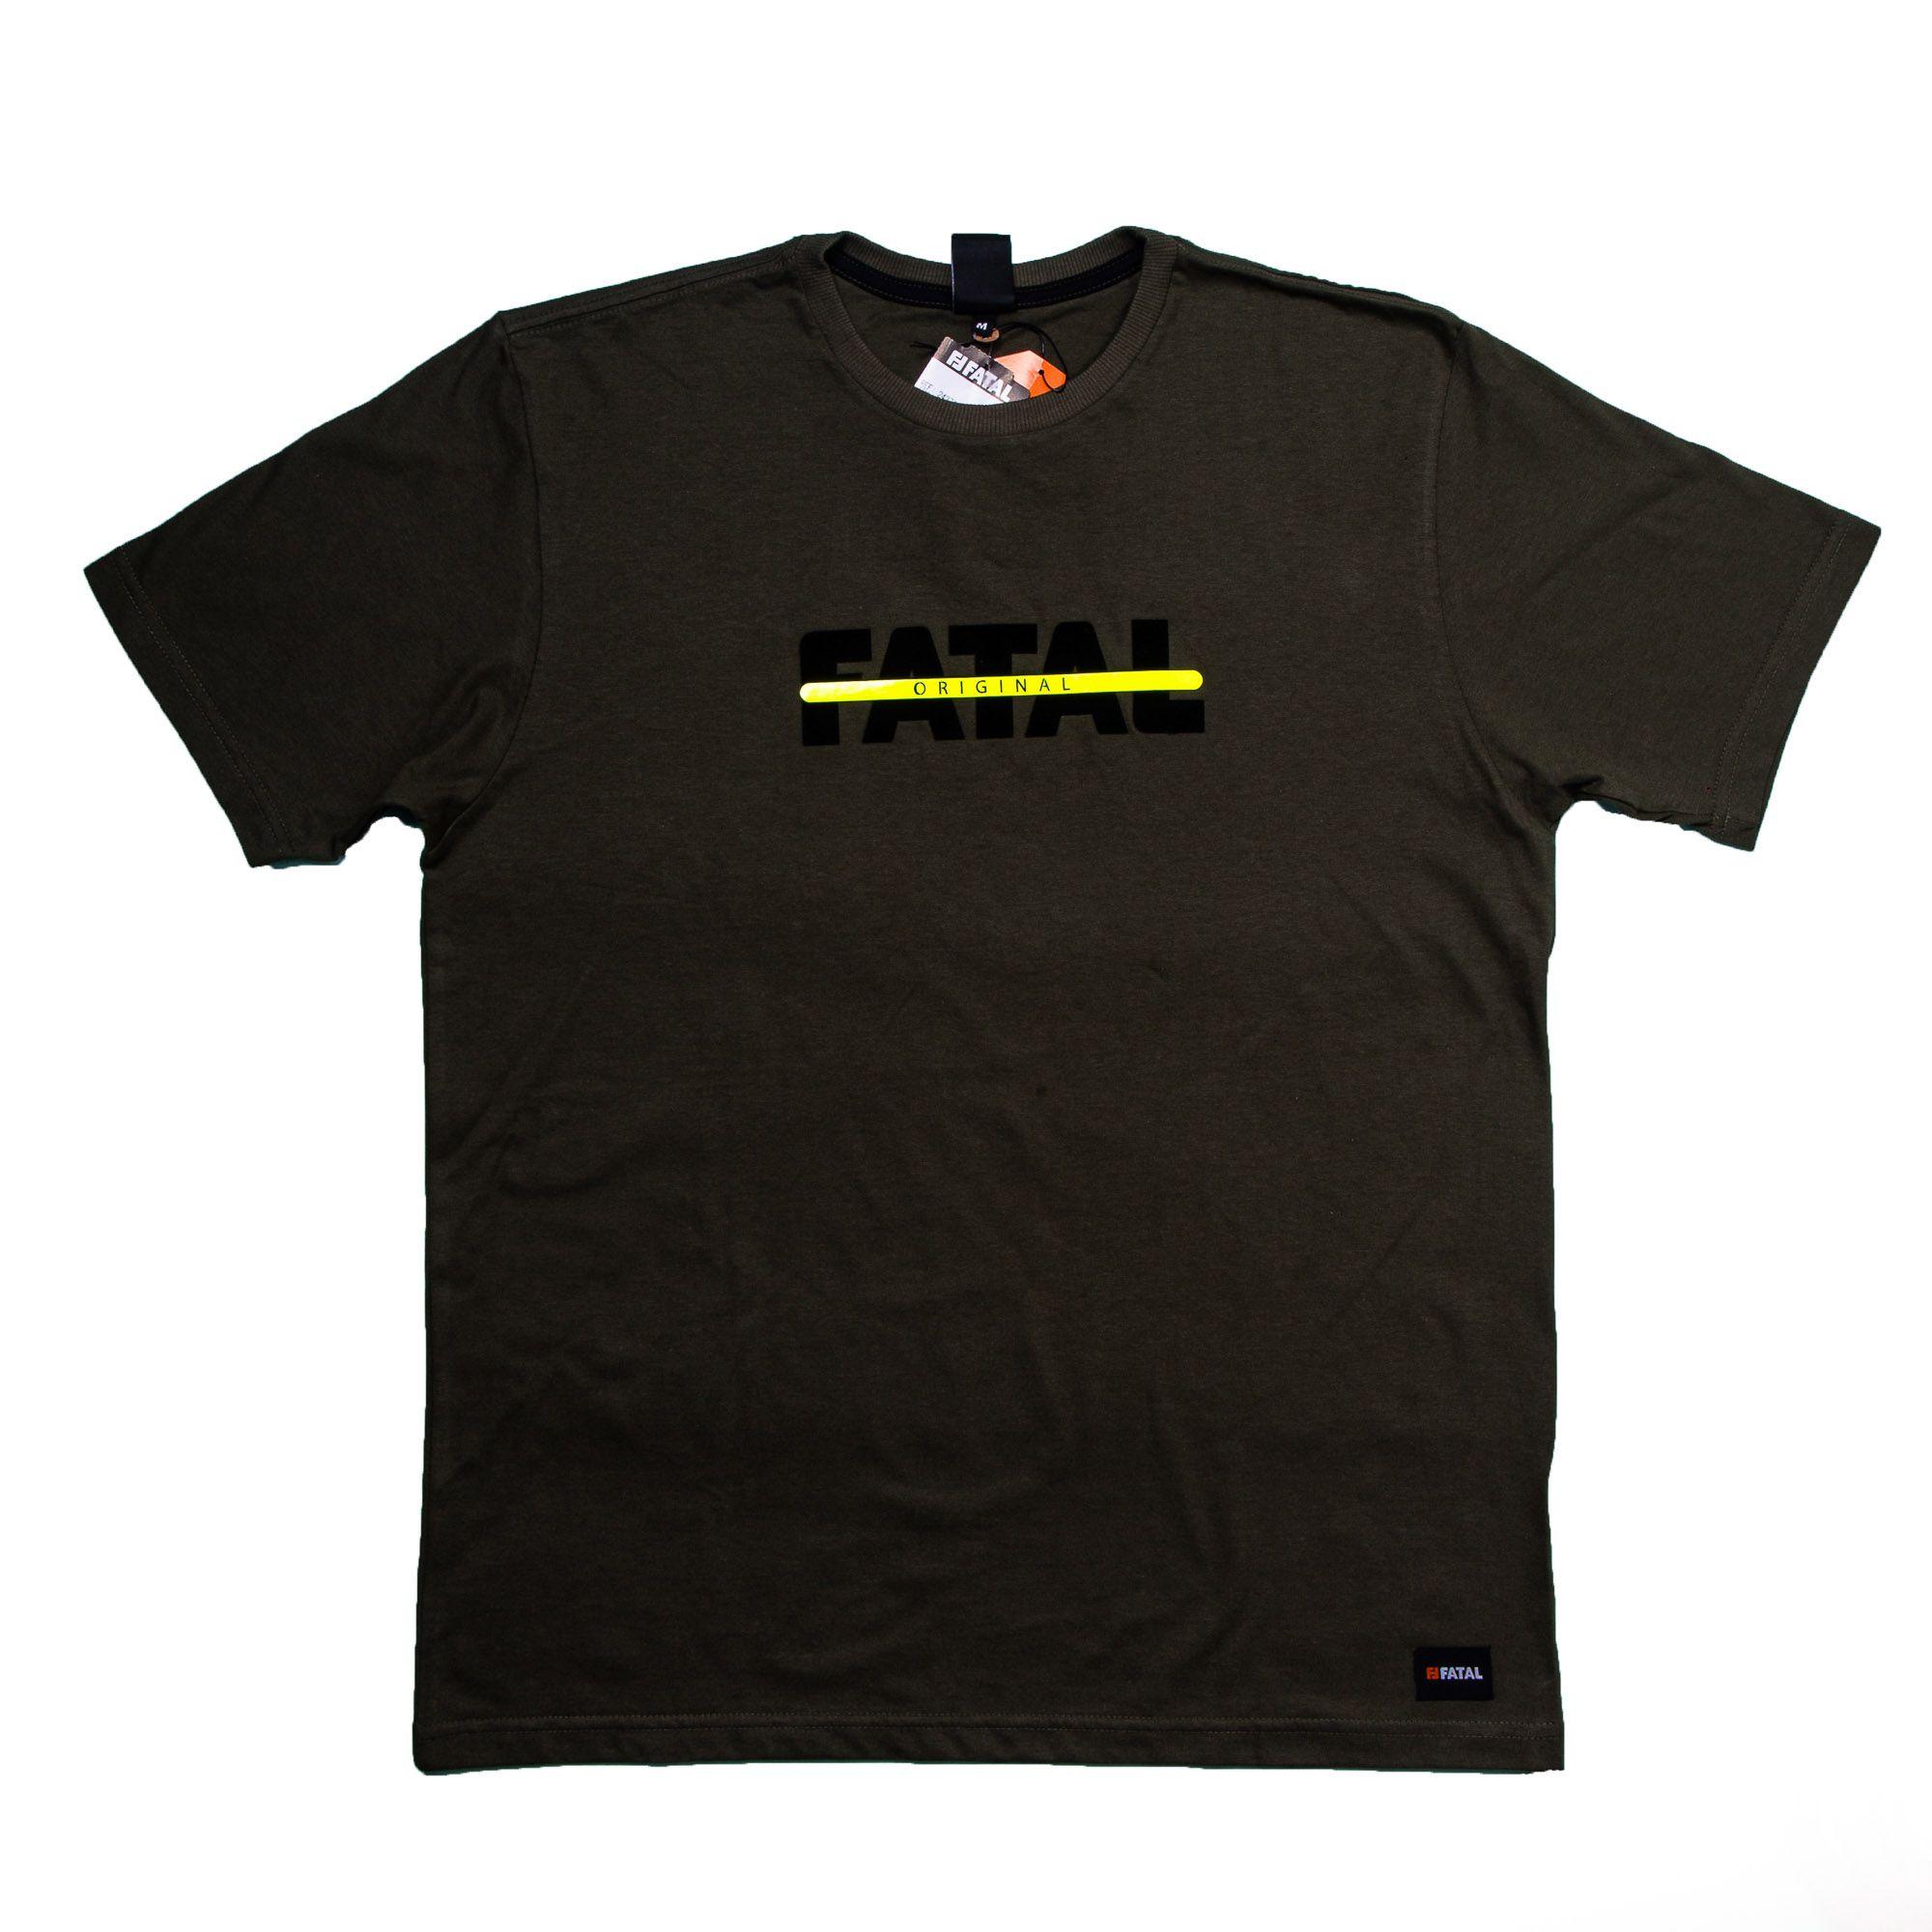 Camiseta Masculina Verde Escuro Detalhe Neon - Fatal